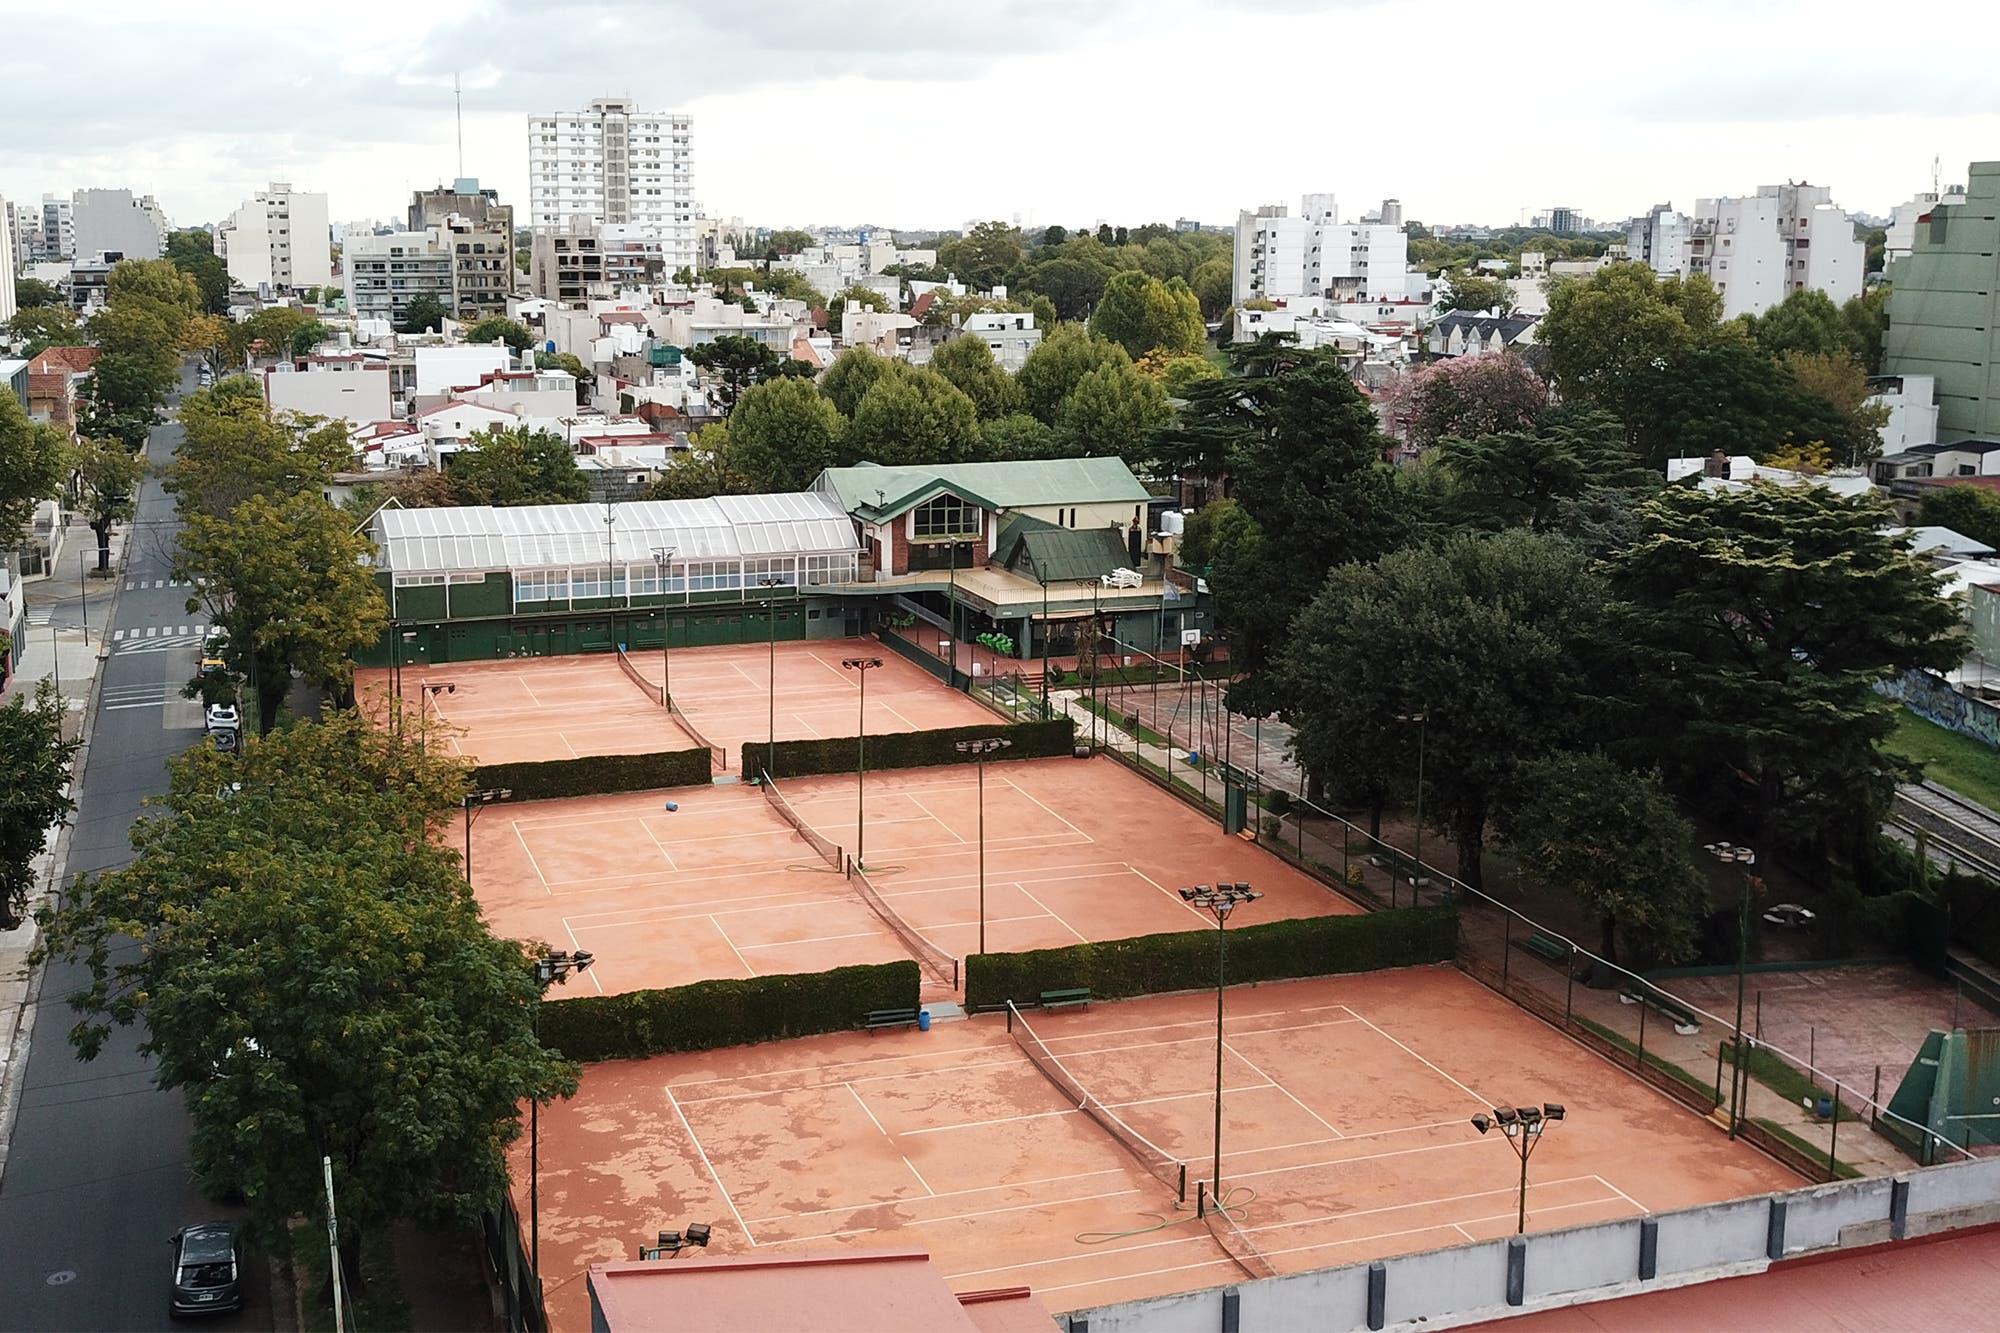 Opinión. El regreso del tenis y el golf: sensibilidad y sentido común